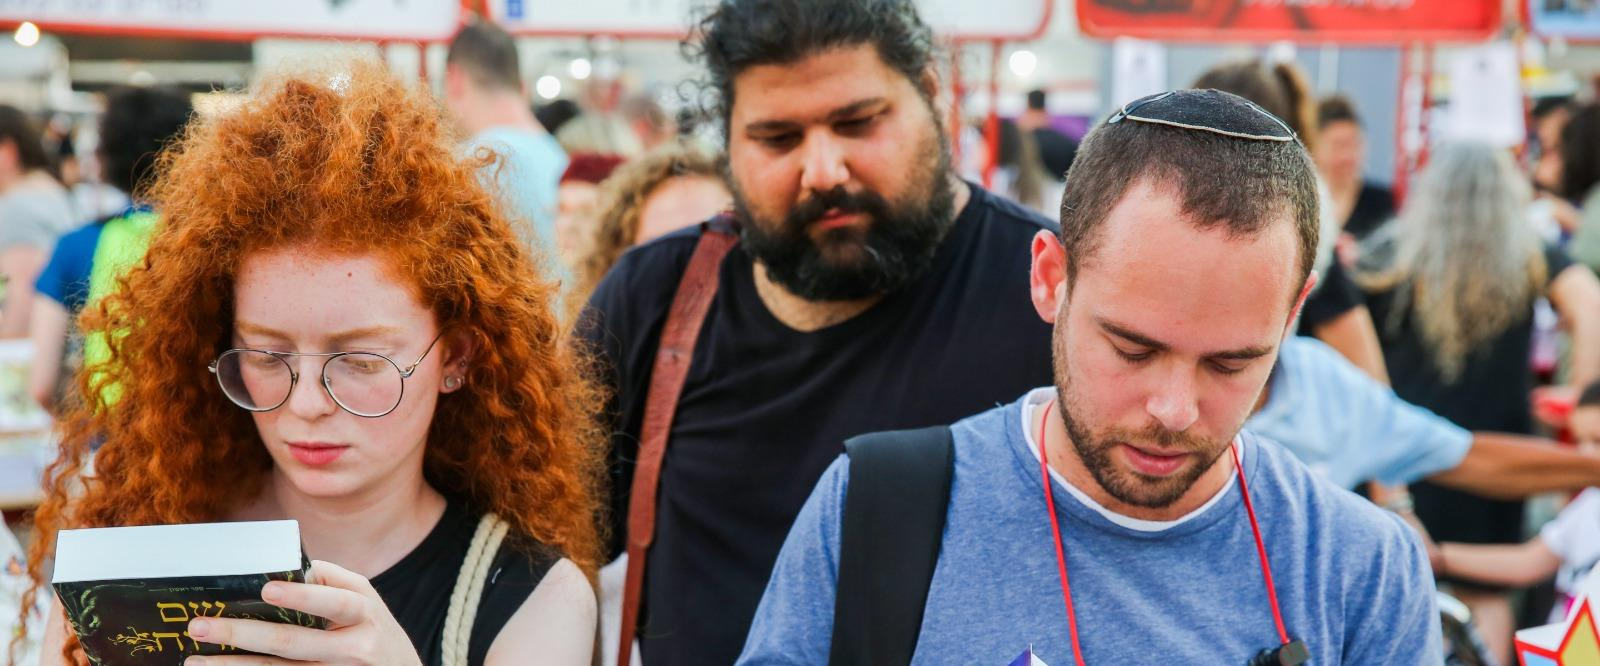 שבוע הספר 2019 בתל אביב